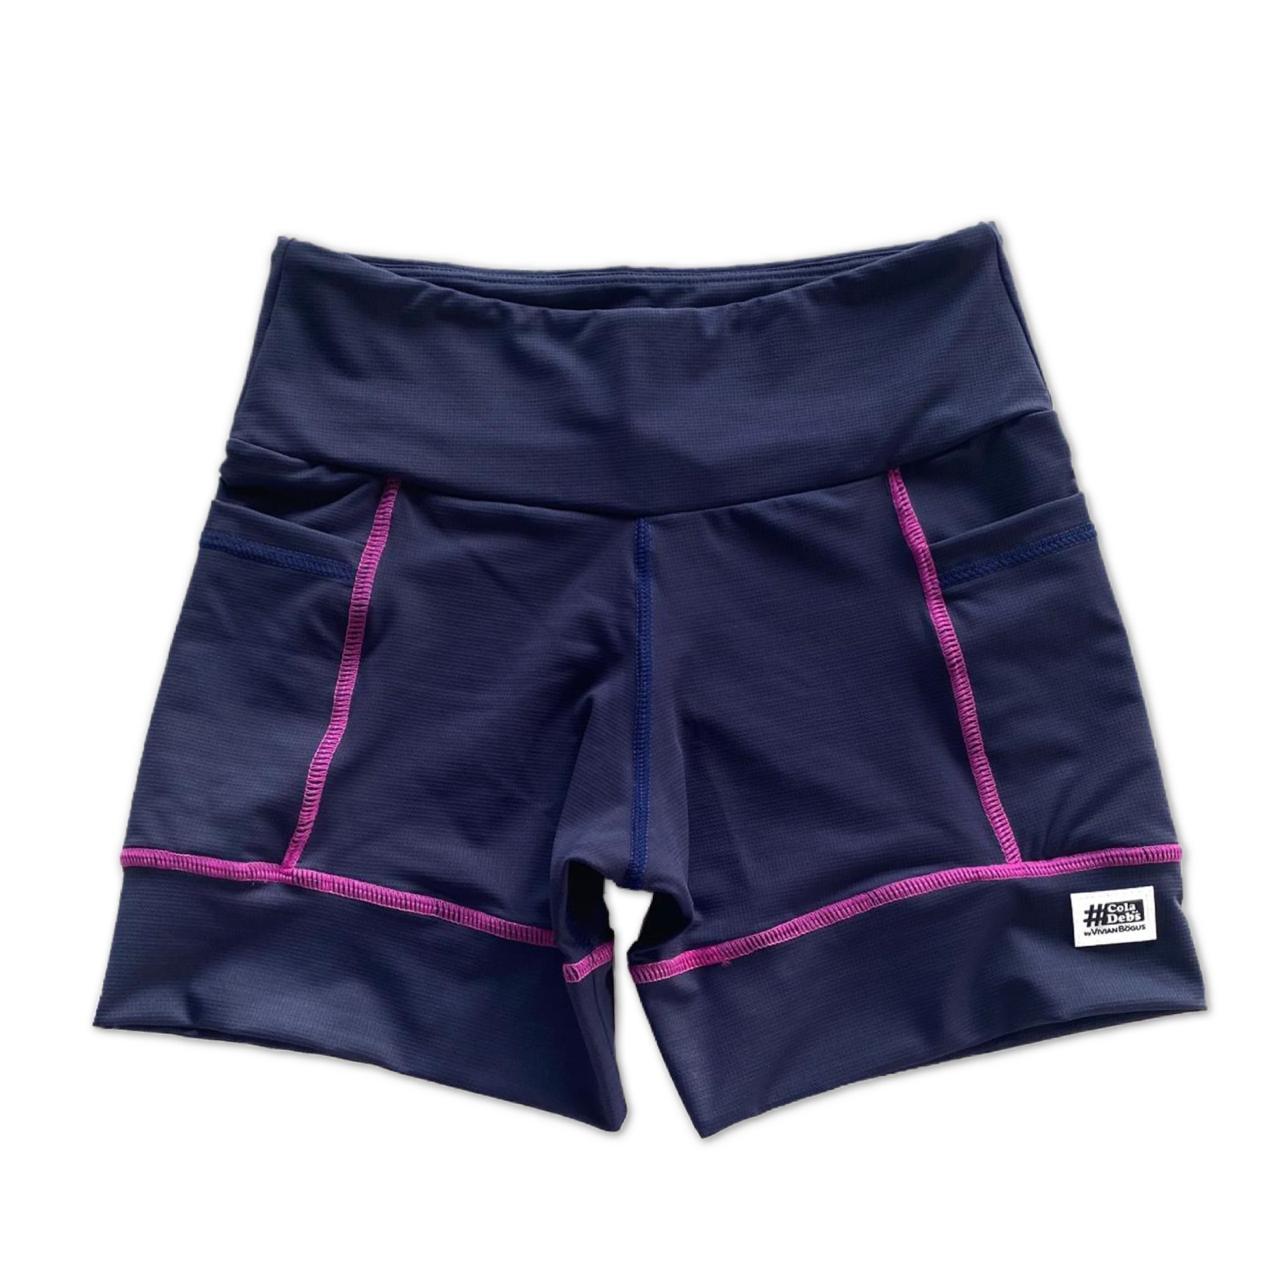 Shorts de compressão square em compress marinho com costura rosa  - Vivian Bógus